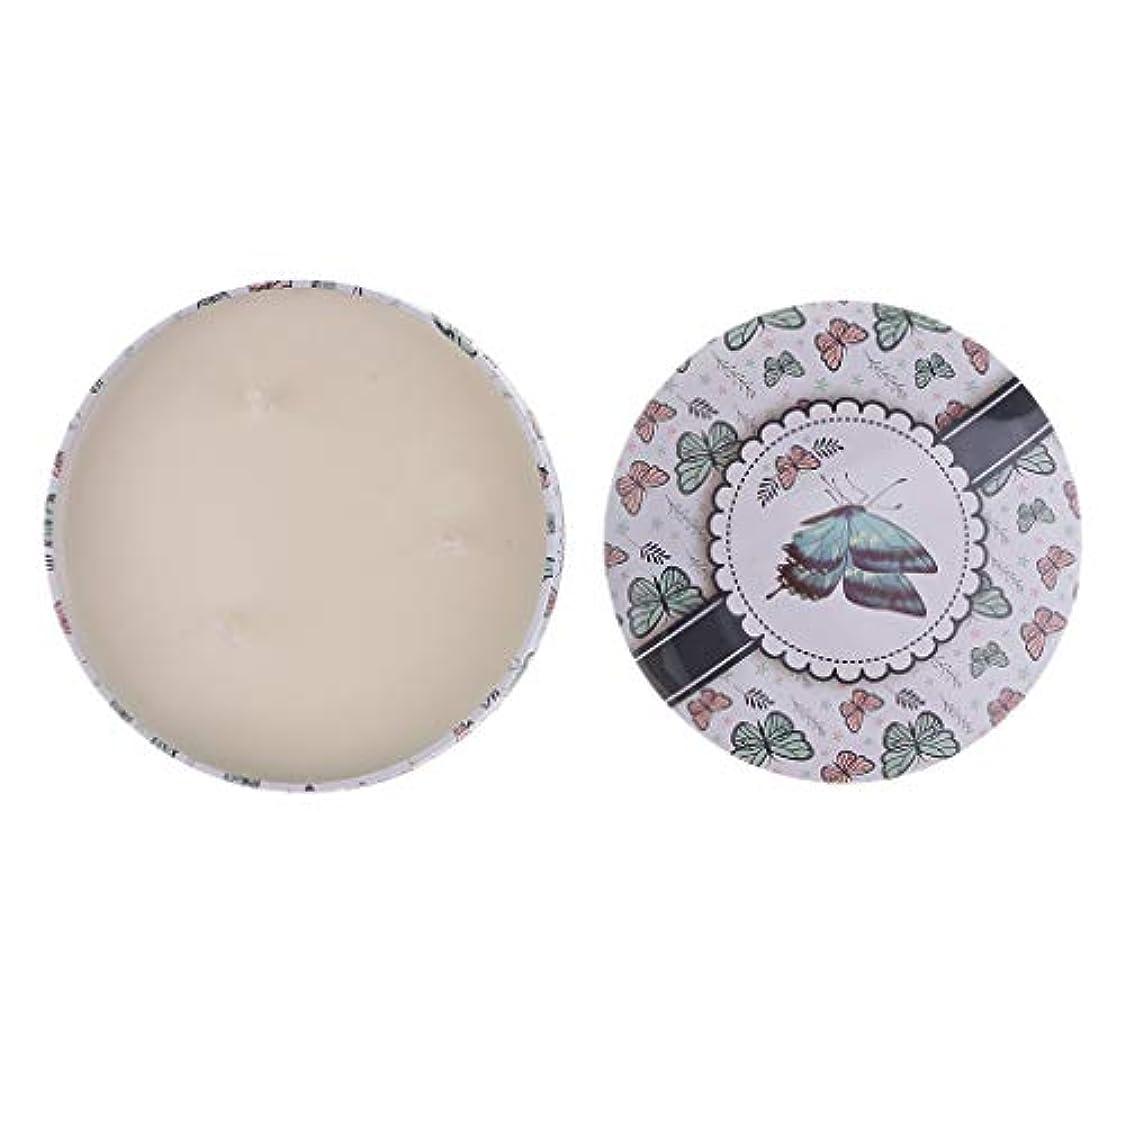 突っ込むブロンズ細菌D DOLITY アロマキャンドル 3ウィック 香り付き 旅行 蝋燭 約23時間 贈り物 2種選ぶ - 1, 130x55mm